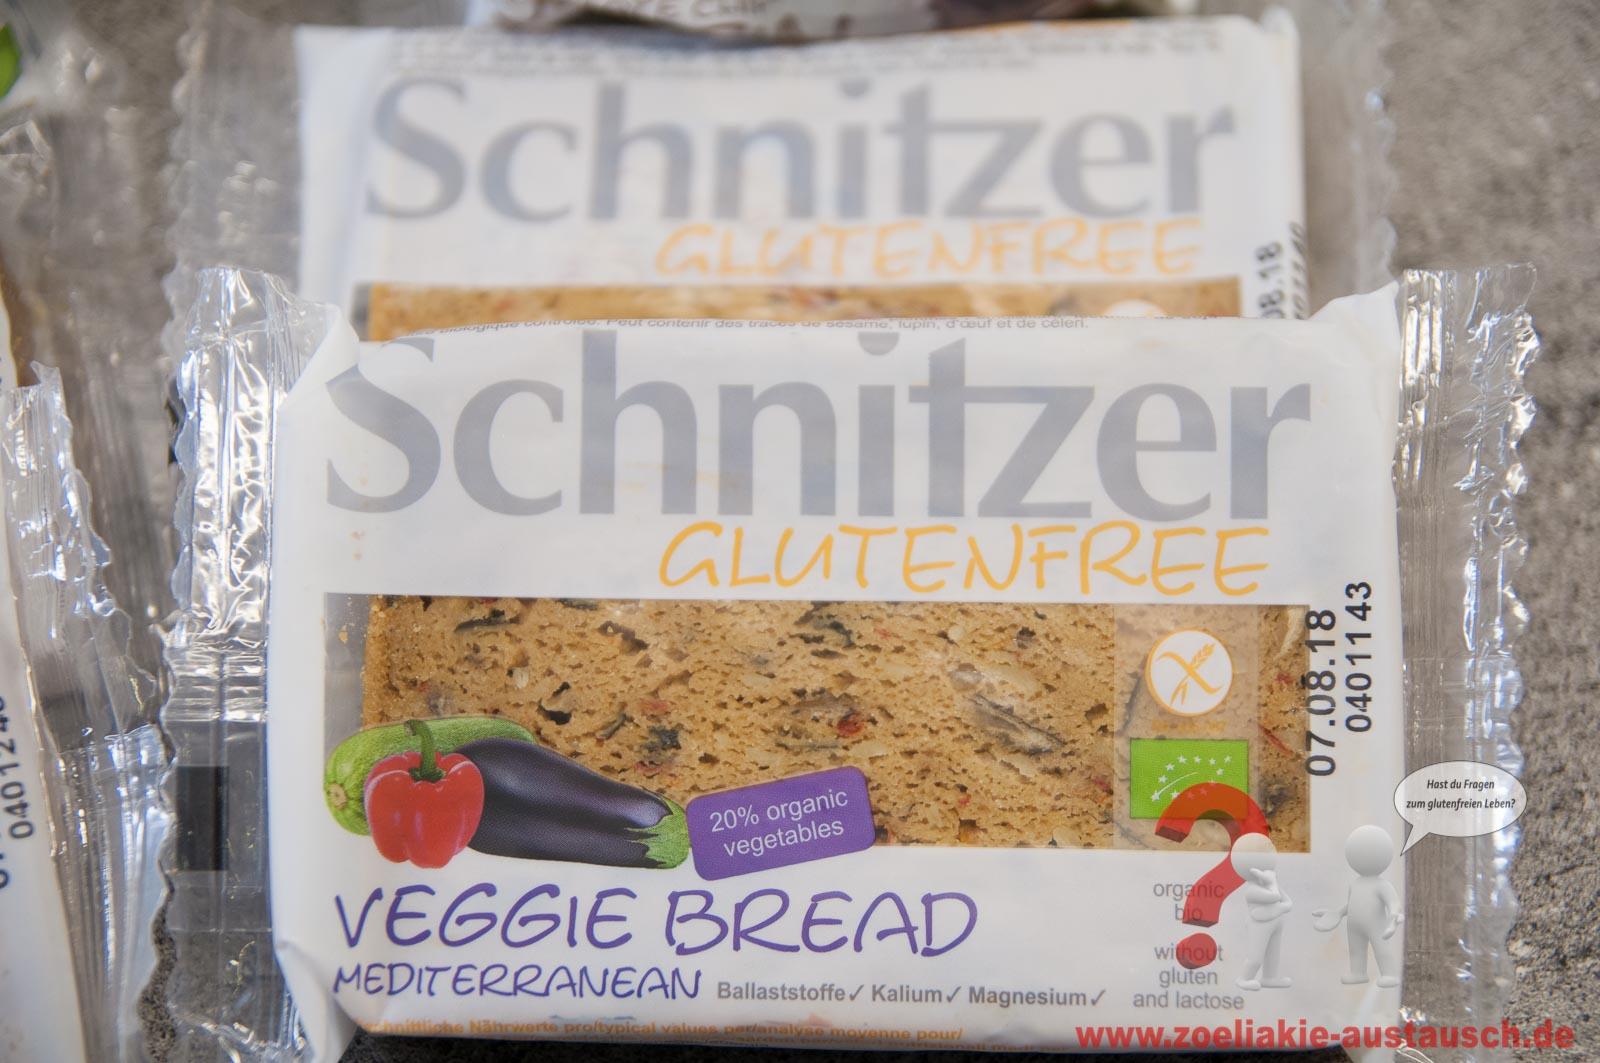 Schnitzer_BioFach_Zoeliakie_Austausch_013